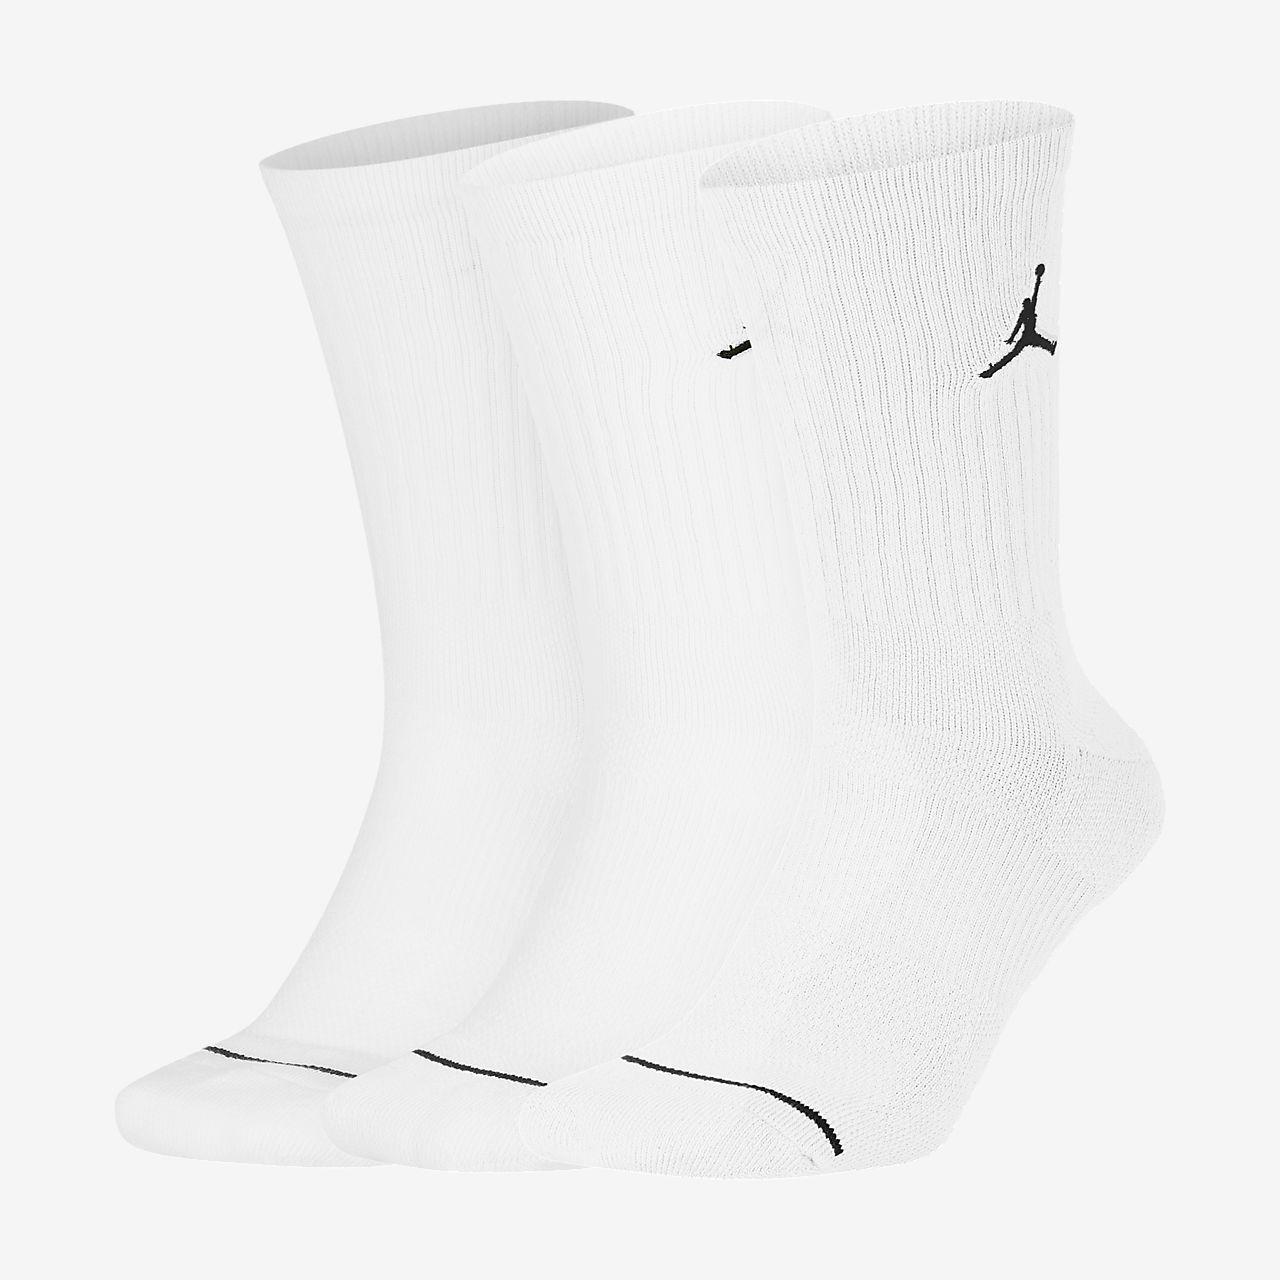 Jordan Jumpman Crew 籃球襪 (3 雙)